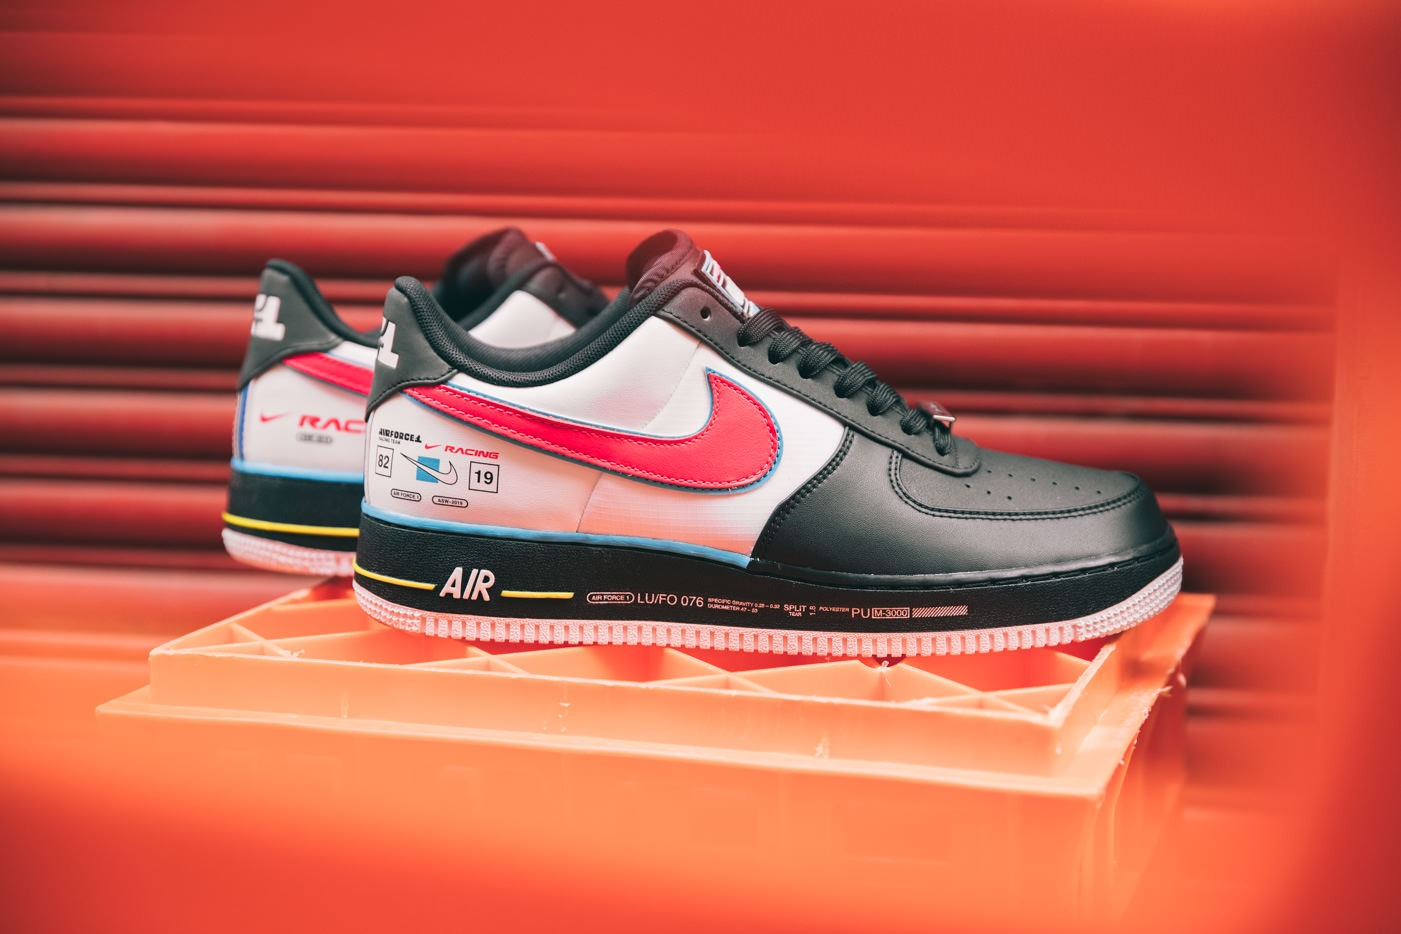 Nike Air Force 1 Low Racing Release Date | SneakerFiles